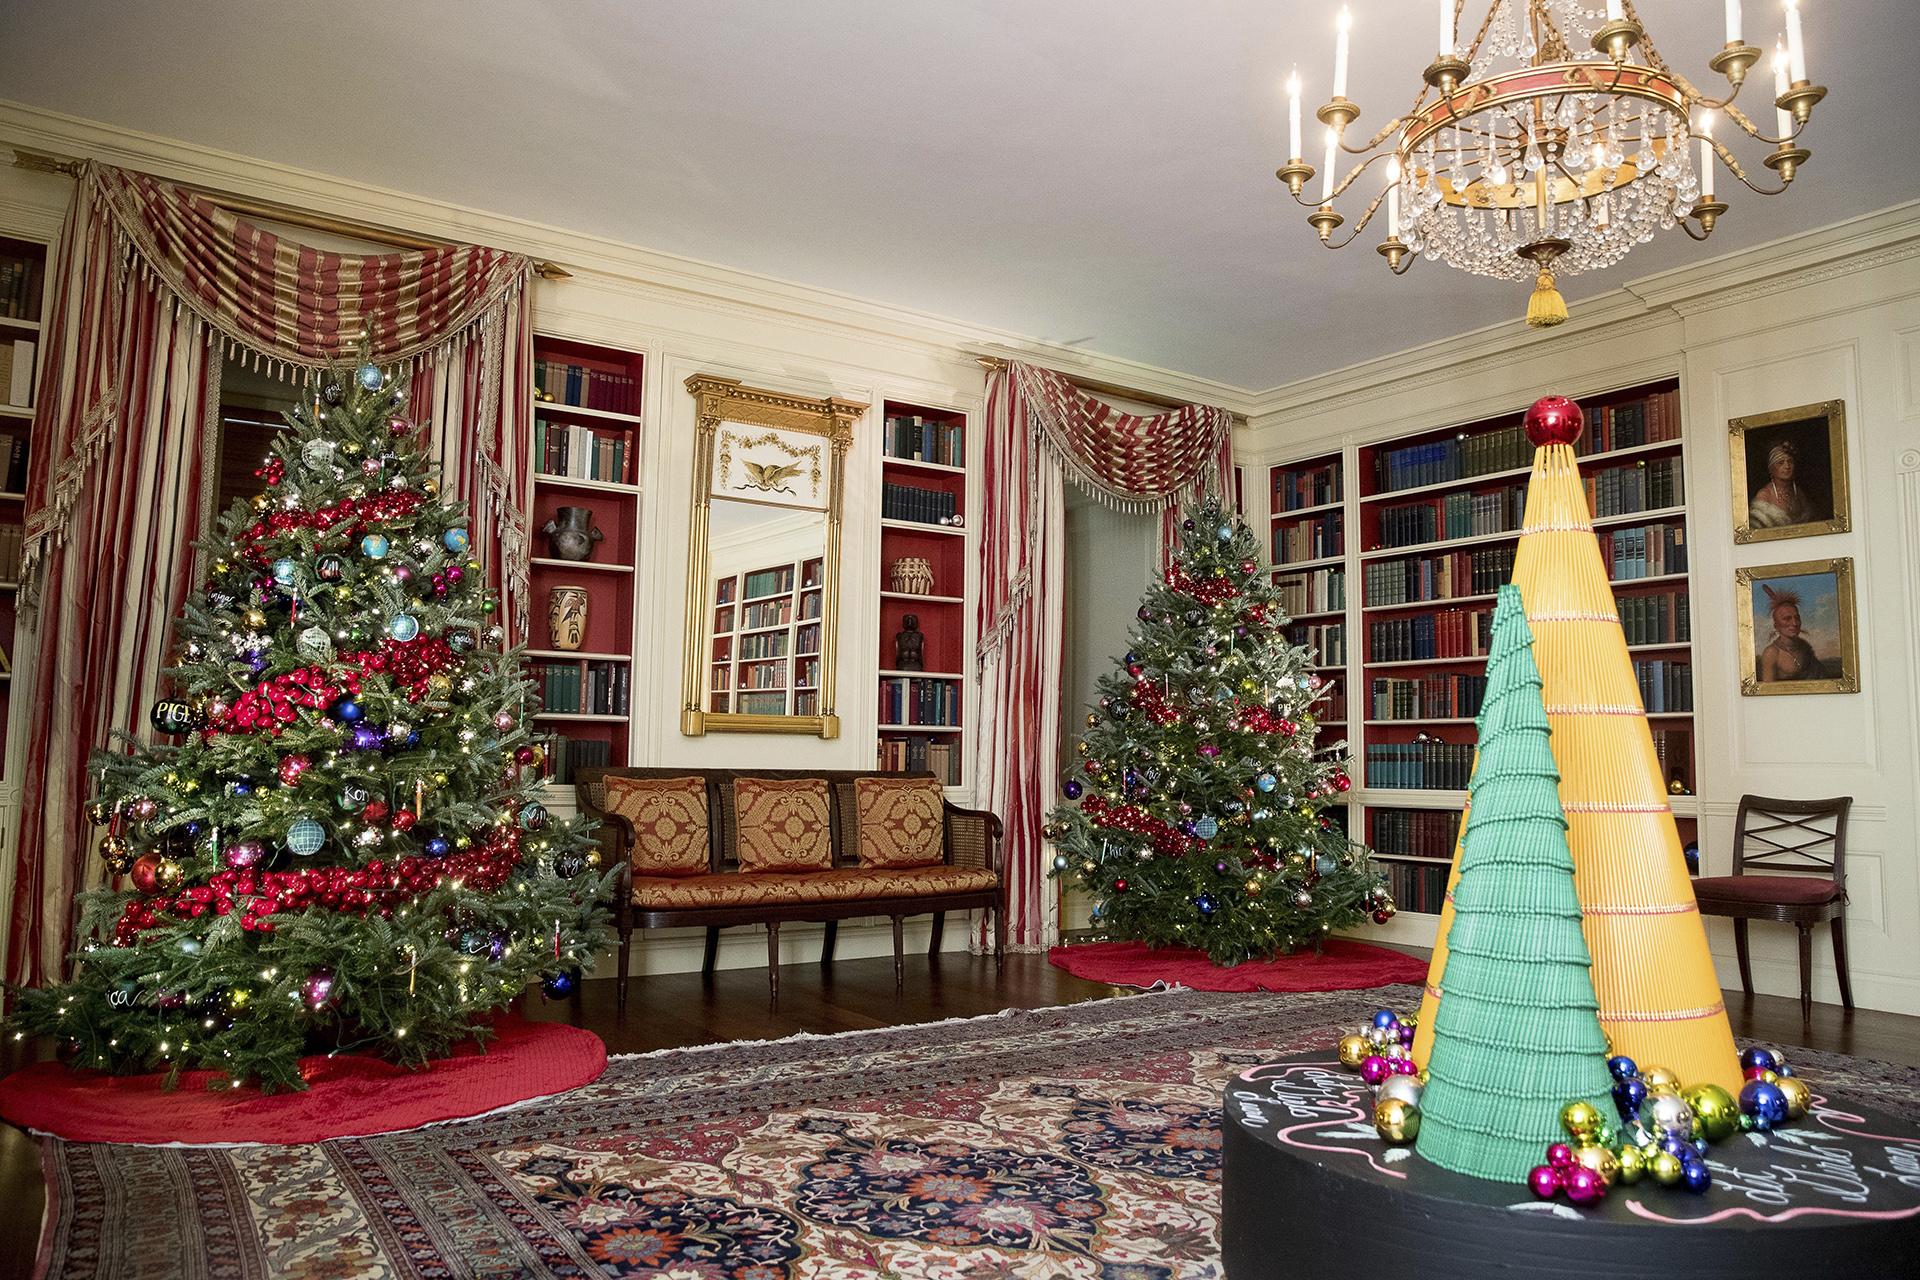 Decoraciones en la biblioteca de la Casa Blanca